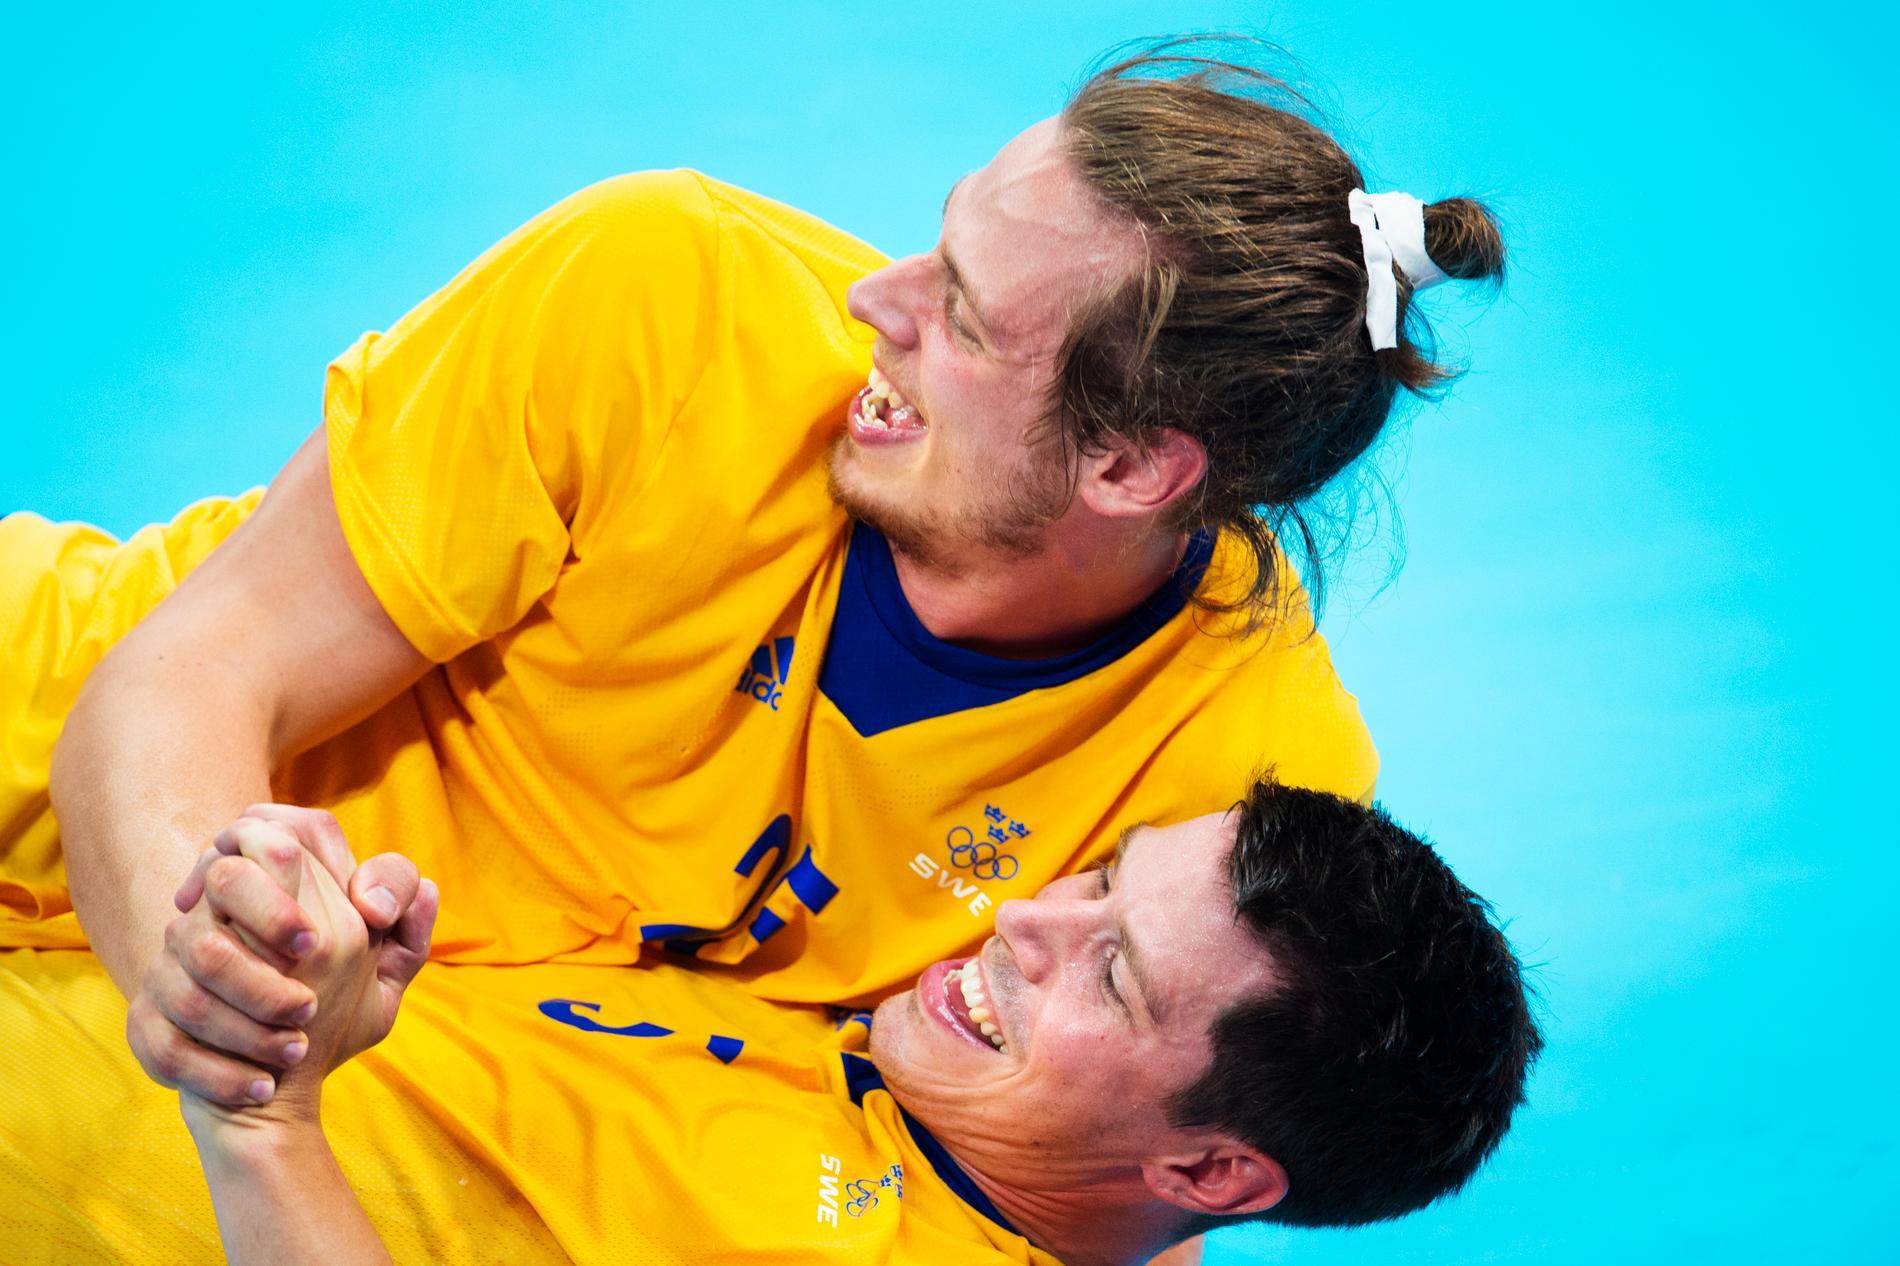 Kim x 2. Ekdahl Du Rietz och Andersson firar efter OS-semin mot Ungern 2012.